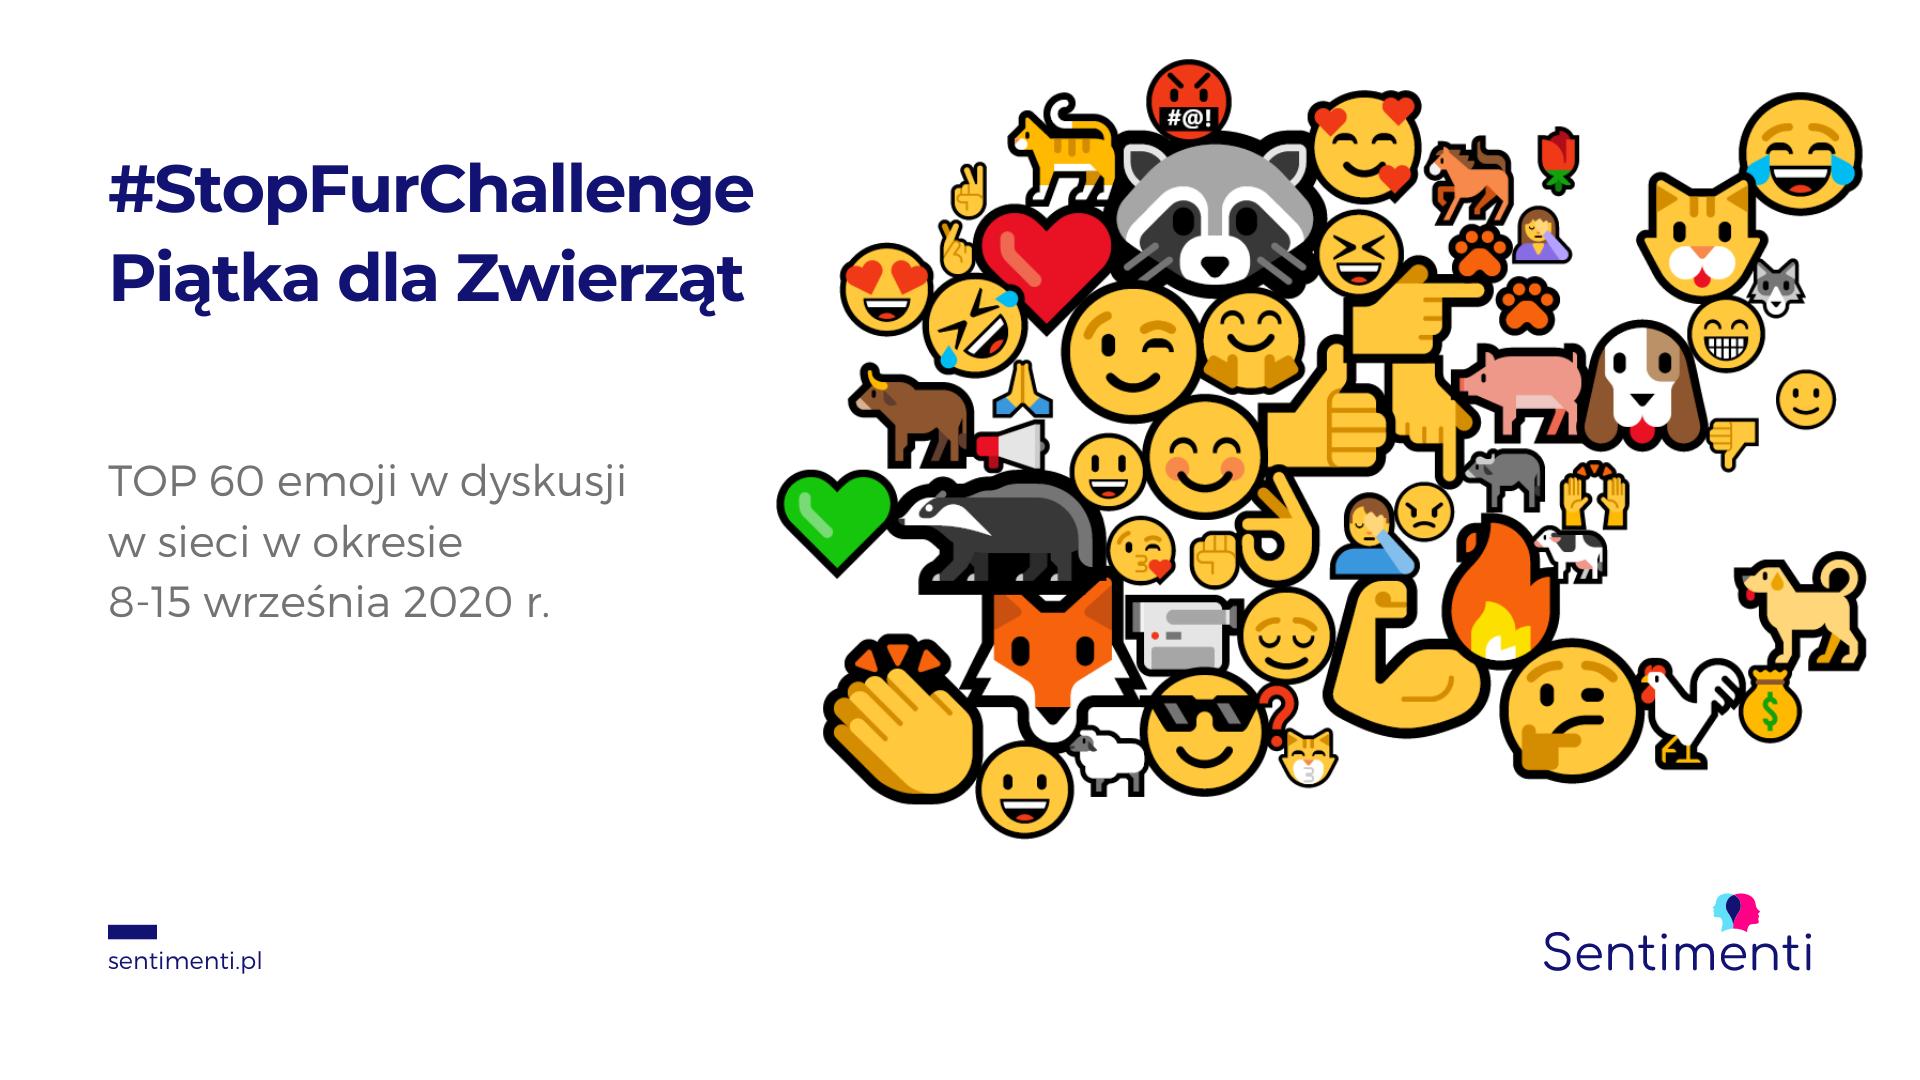 emoji twitter projekt ustawy o ochronie zwierząt kaczyński bezkarność